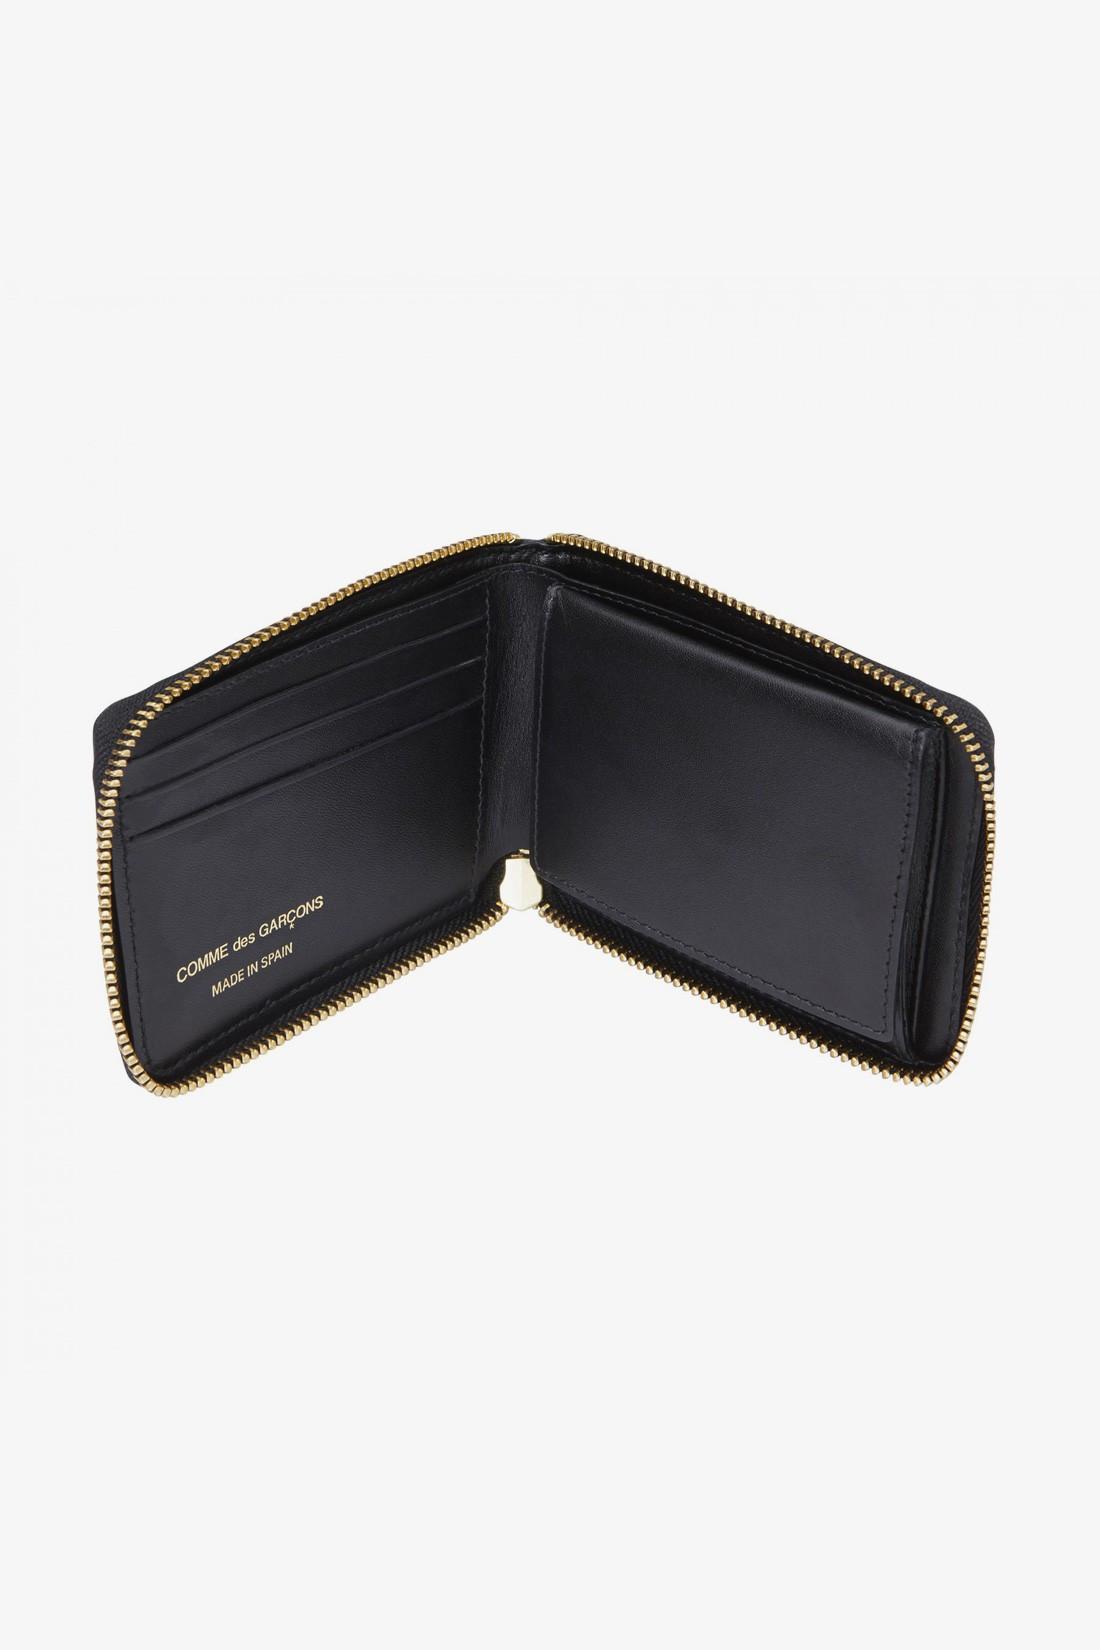 CDG WALLETS / Cdg wallet tartan sa7100tp Green